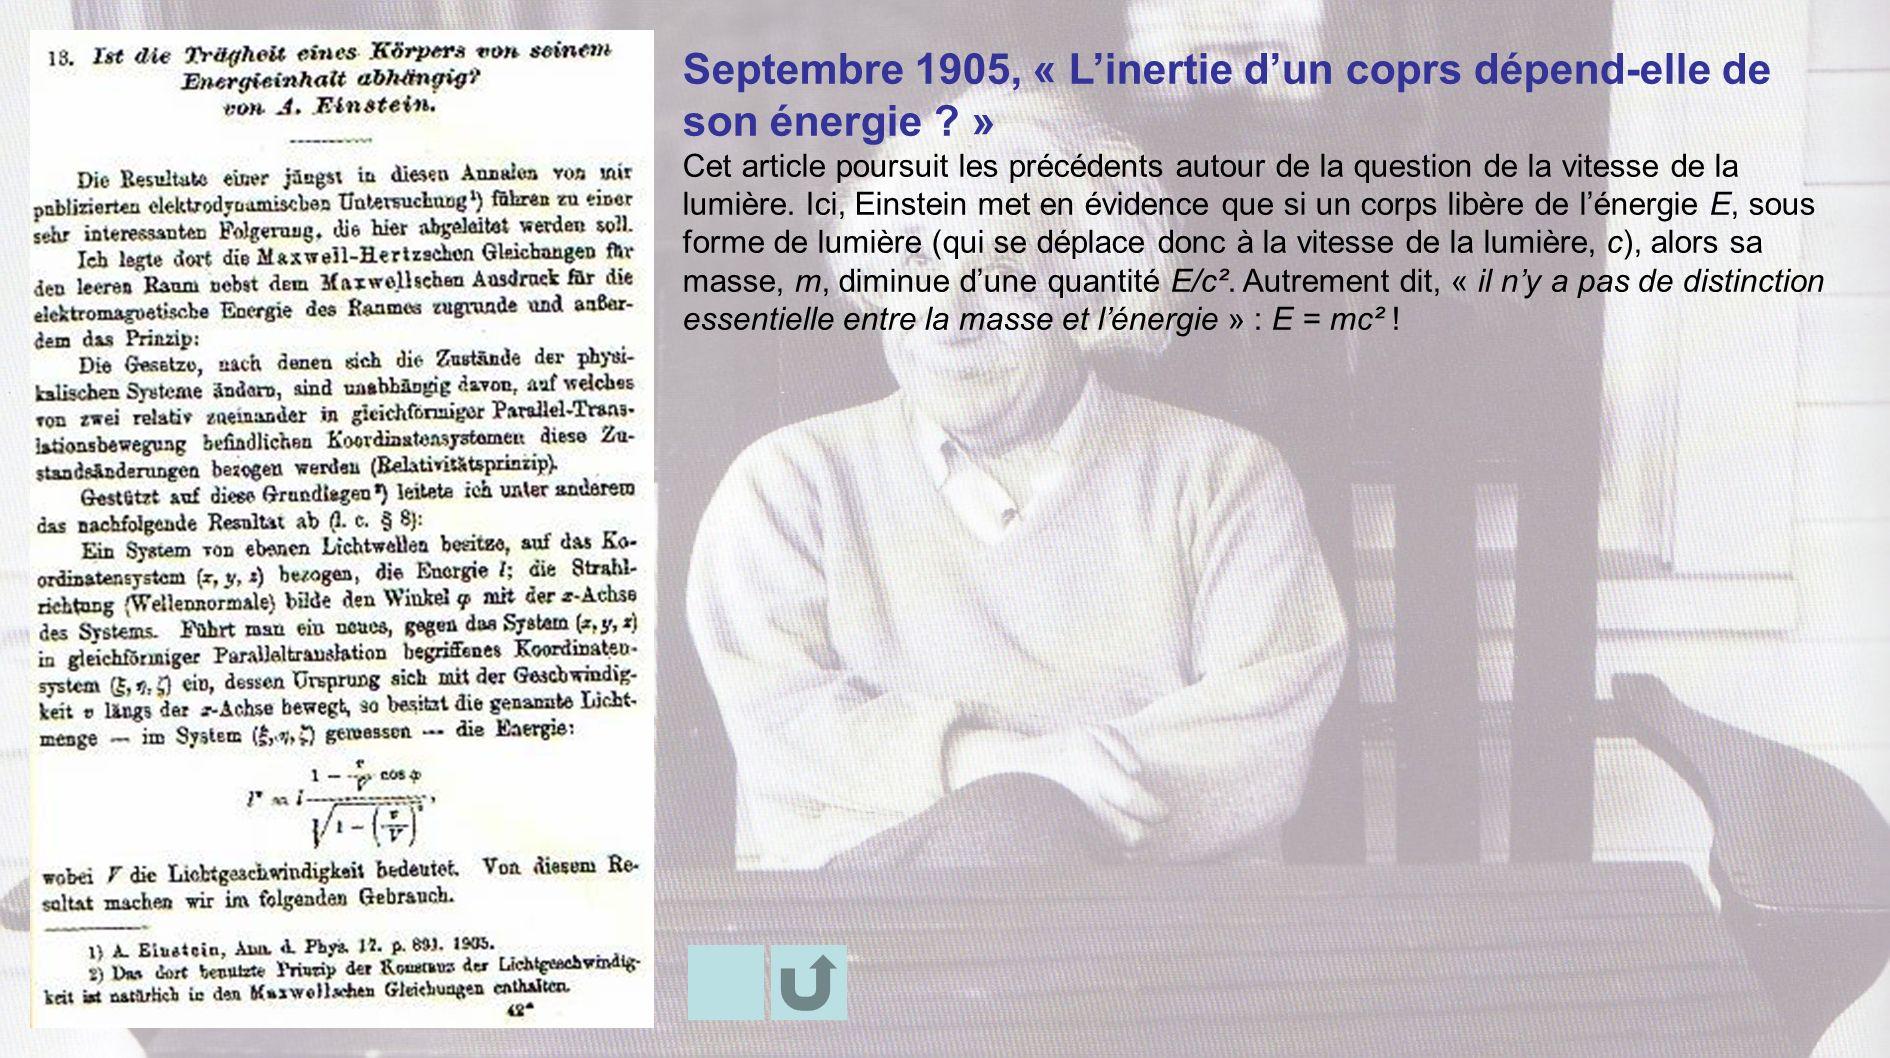 Septembre 1905, « L'inertie d'un coprs dépend-elle de son énergie »